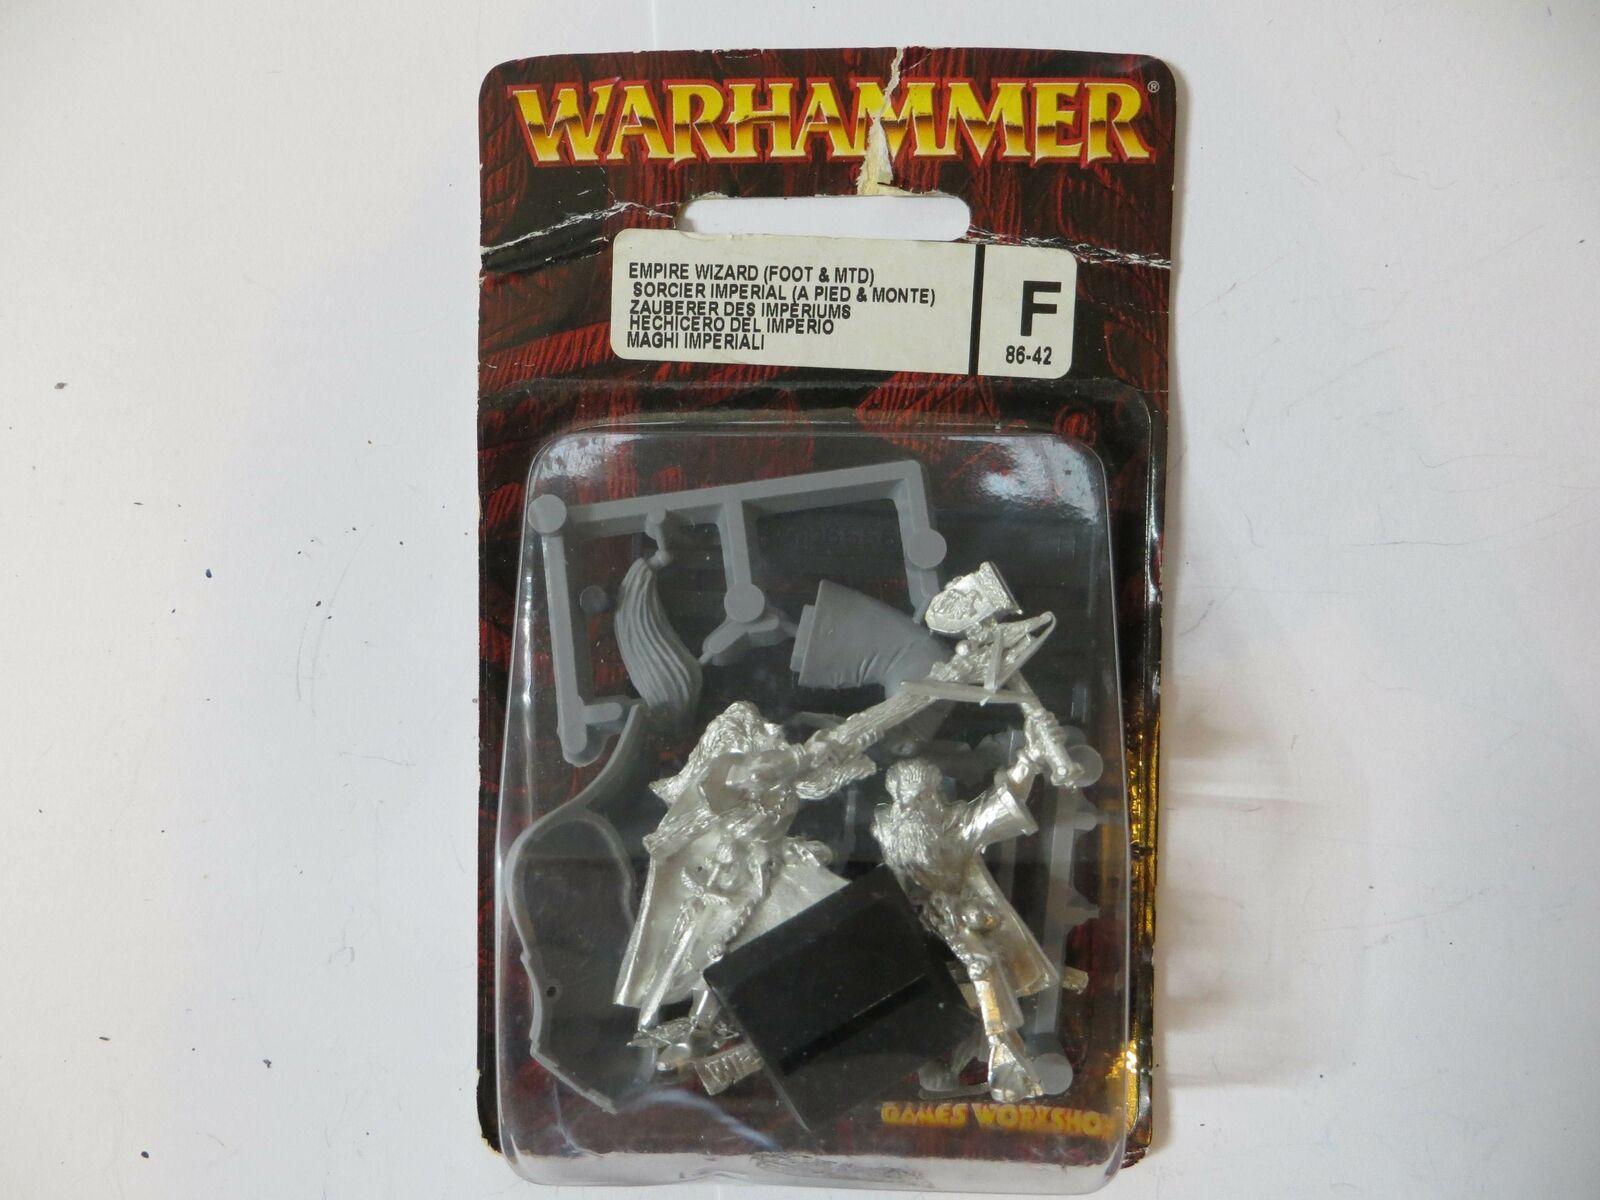 EMPIRE WIZARD FOOT & MOUNTED - OOP Metal New In Blister Warhammer OOP Citadel